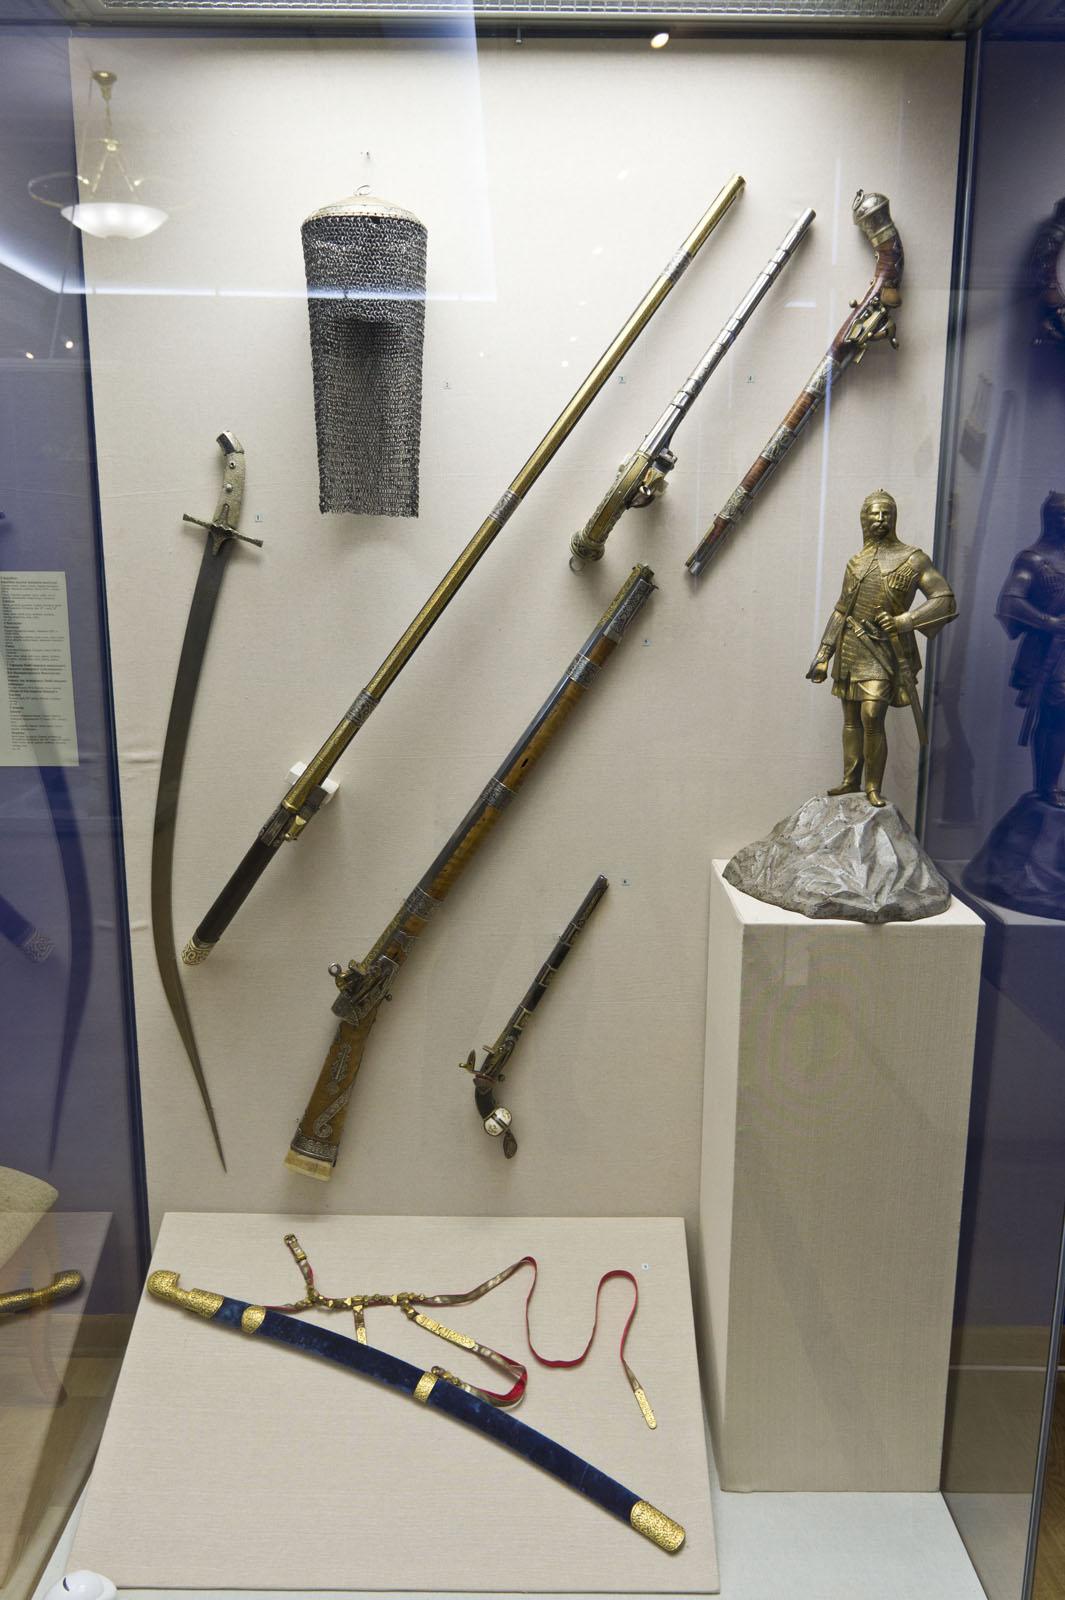 Фото №72070. Сабля, шлем мисюрка, ружье кремневое, пистолеты, карабин, пистолет, скульптурное изображение